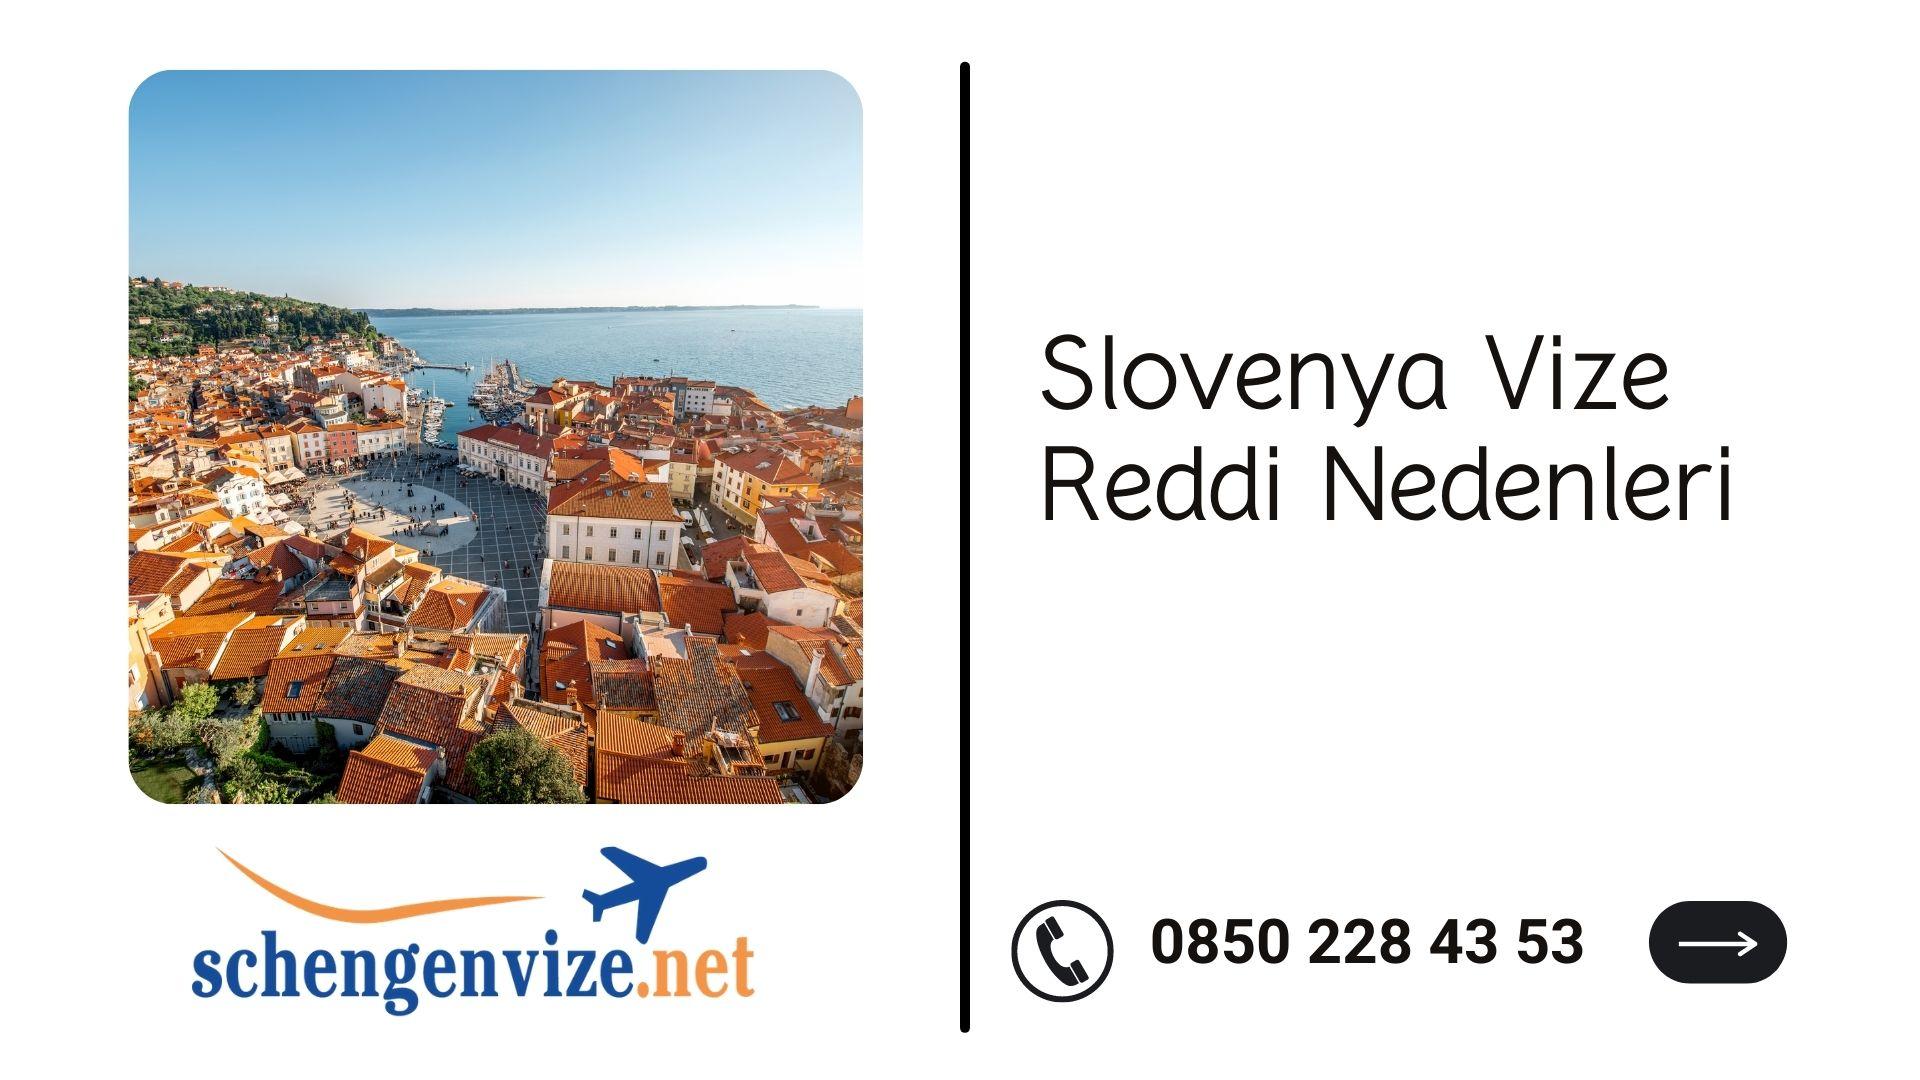 Slovenya Vize Reddi Nedenleri